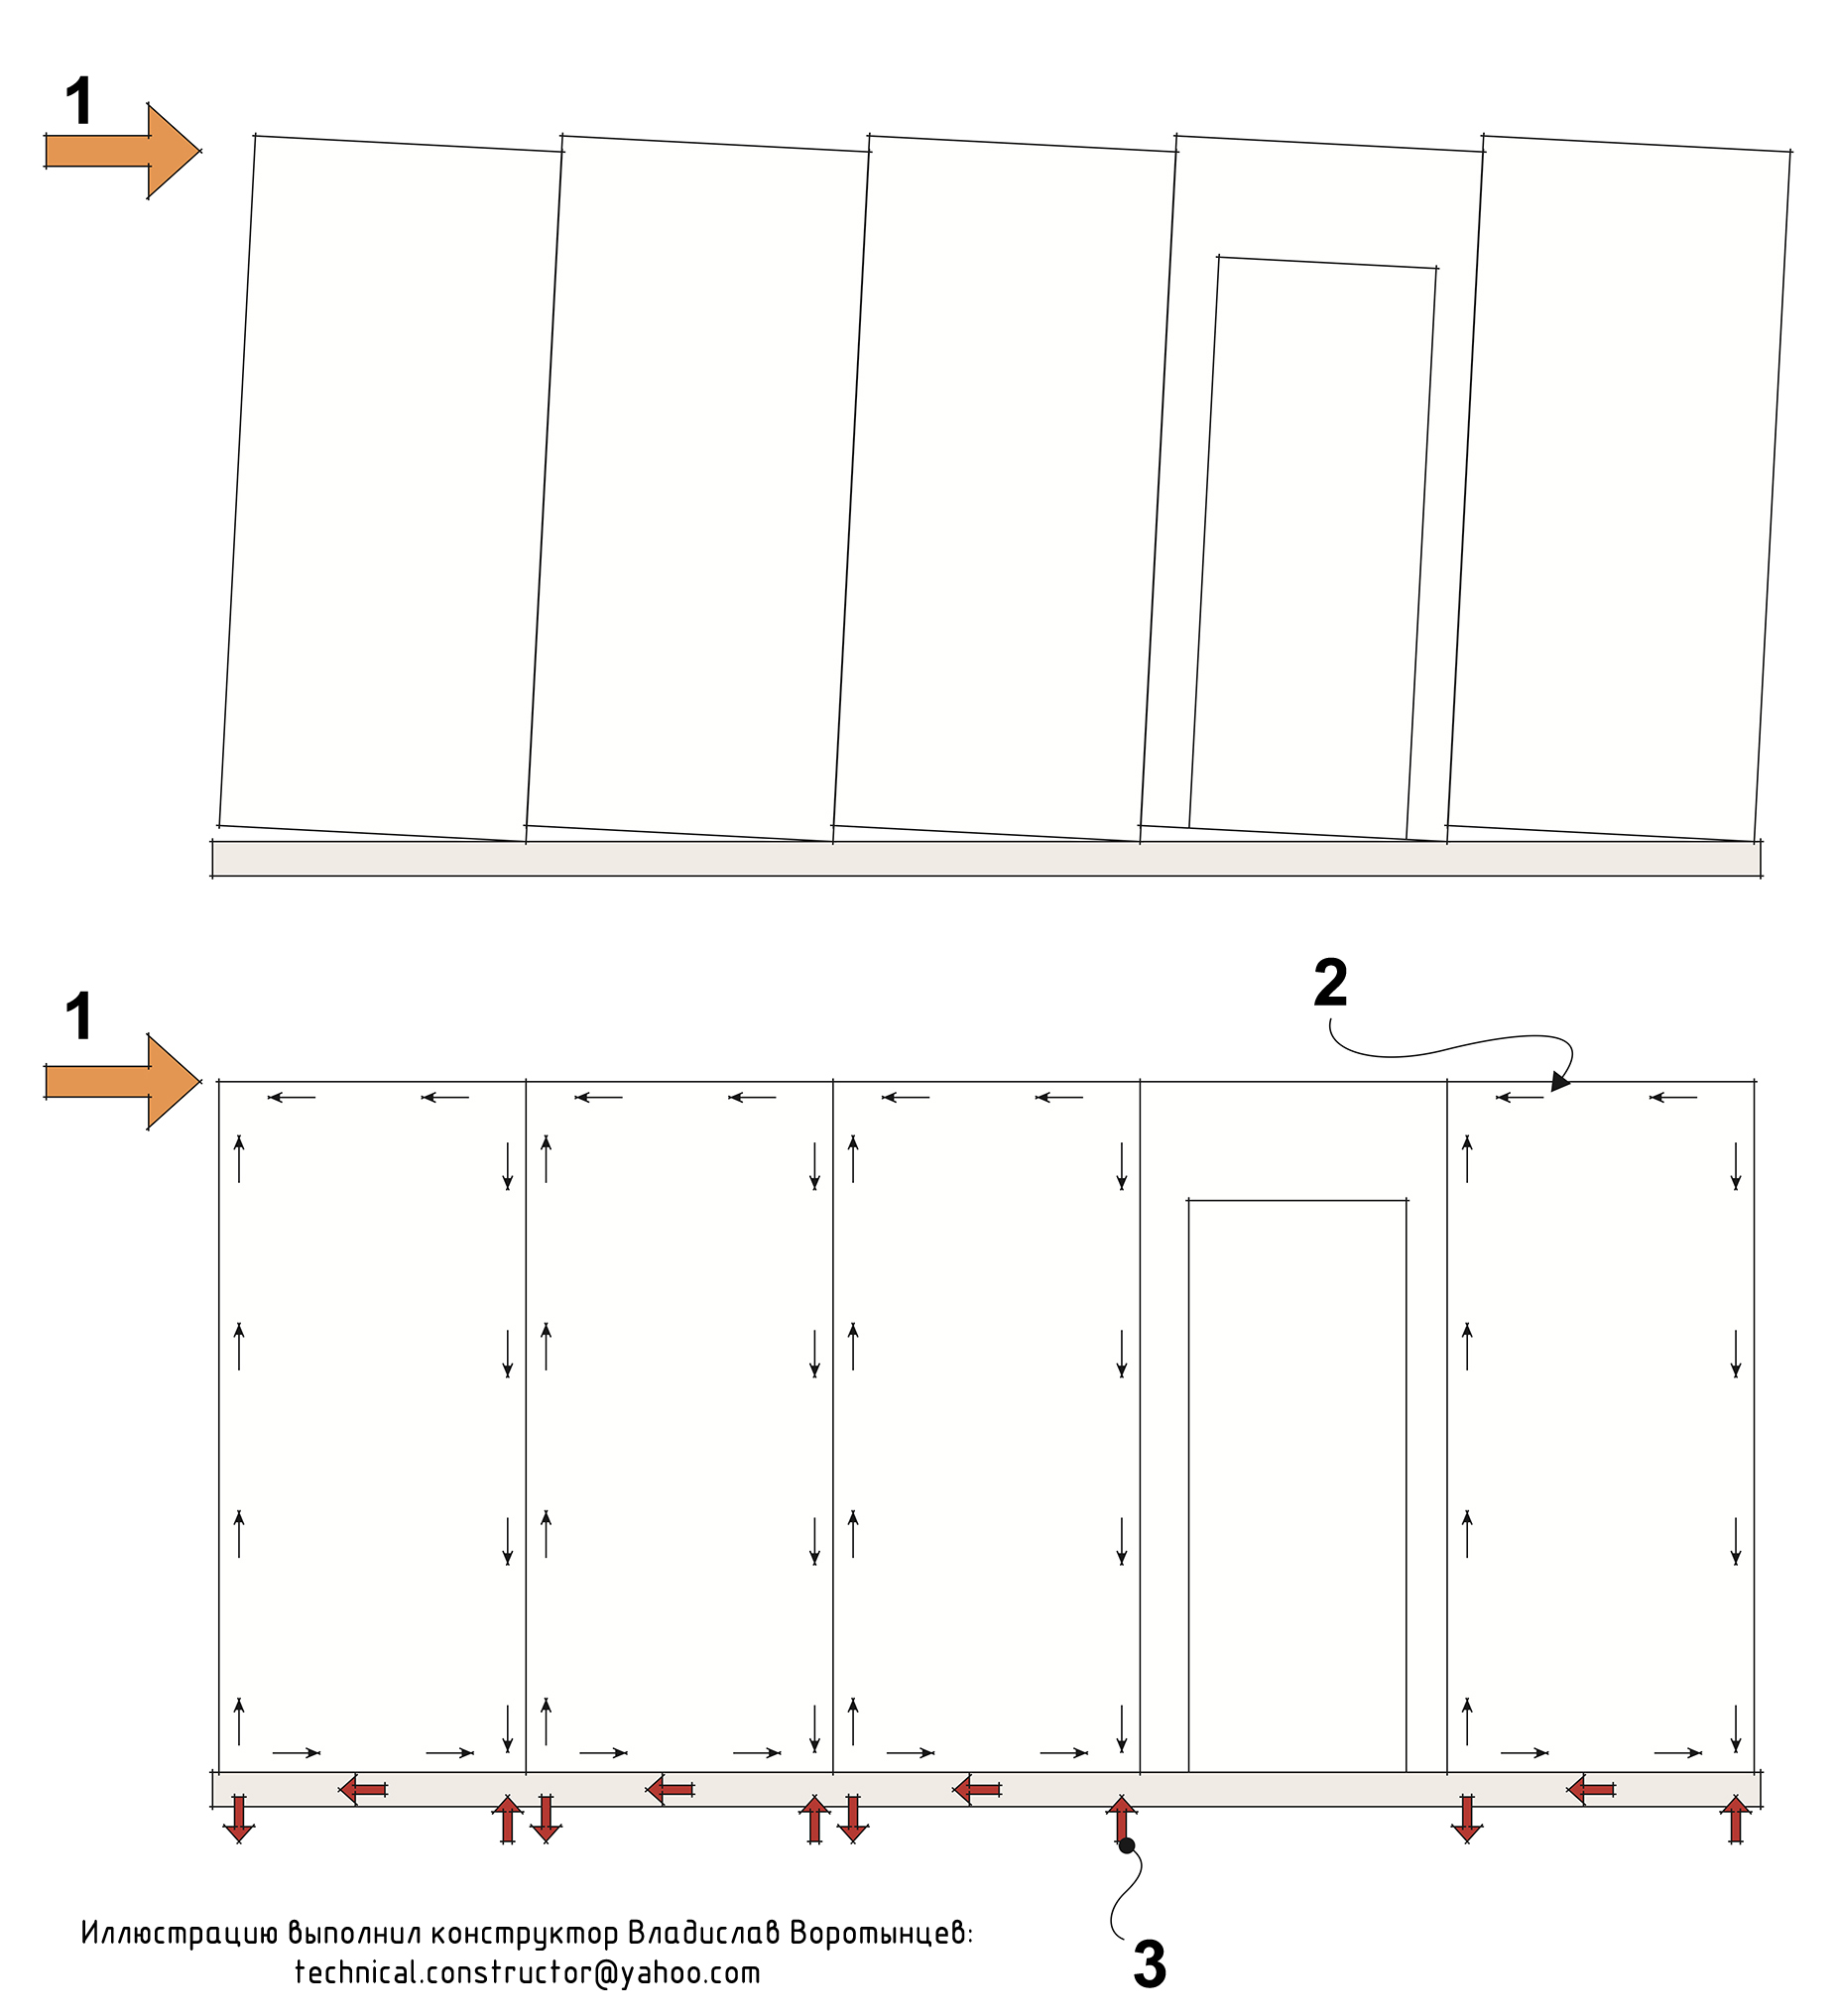 Рис. 9.27 Обеспечение жёсткости каркаса для восприятия ветровых нагрузок с помощью плитных материалов обшивки